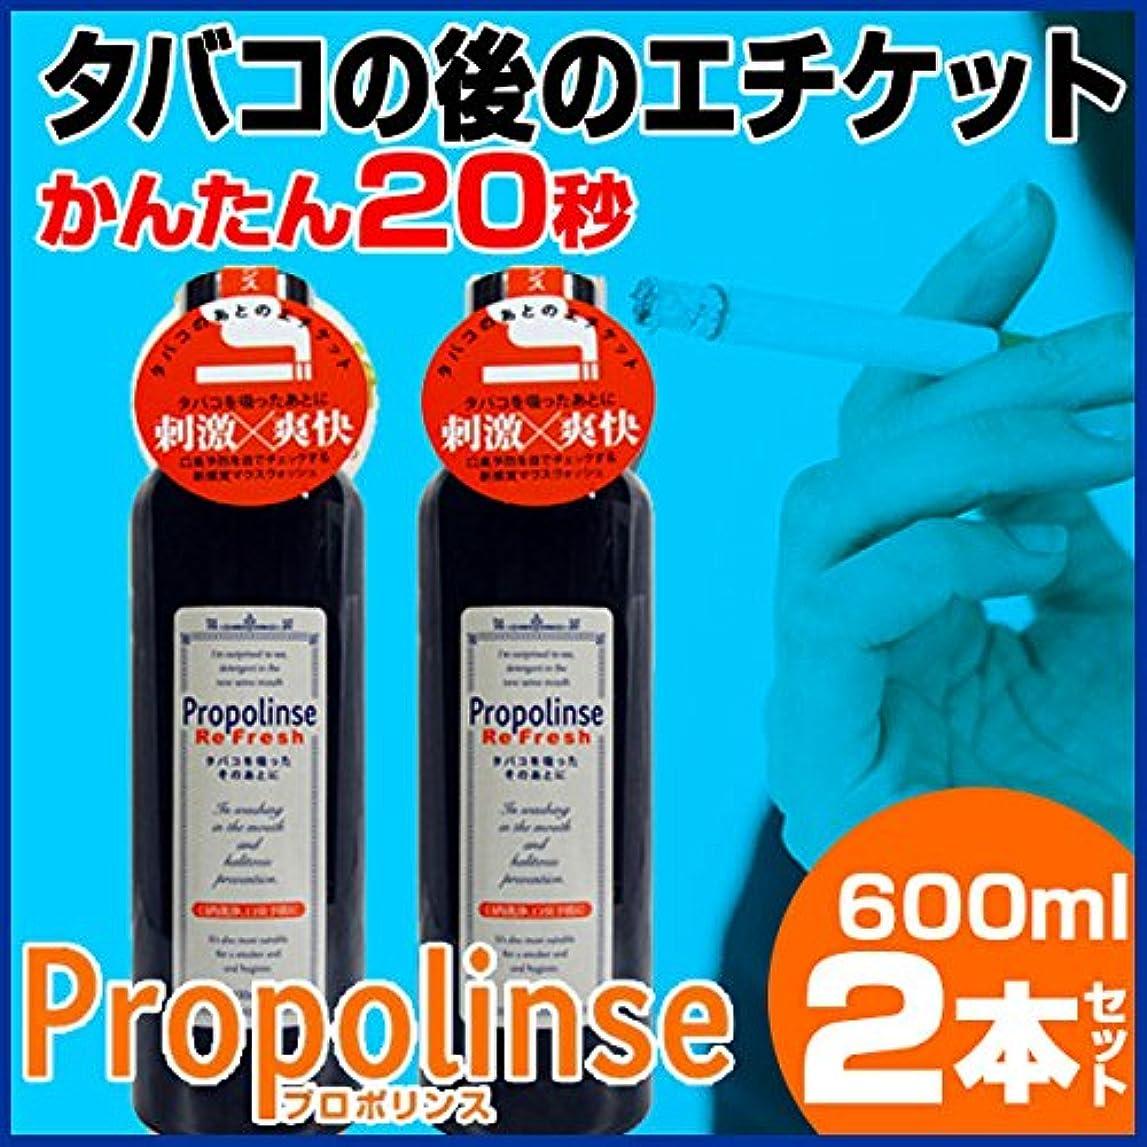 セマフォ移行する疑わしいプロポリンス リフレッシュ600ml【まとめ買い2個セット】